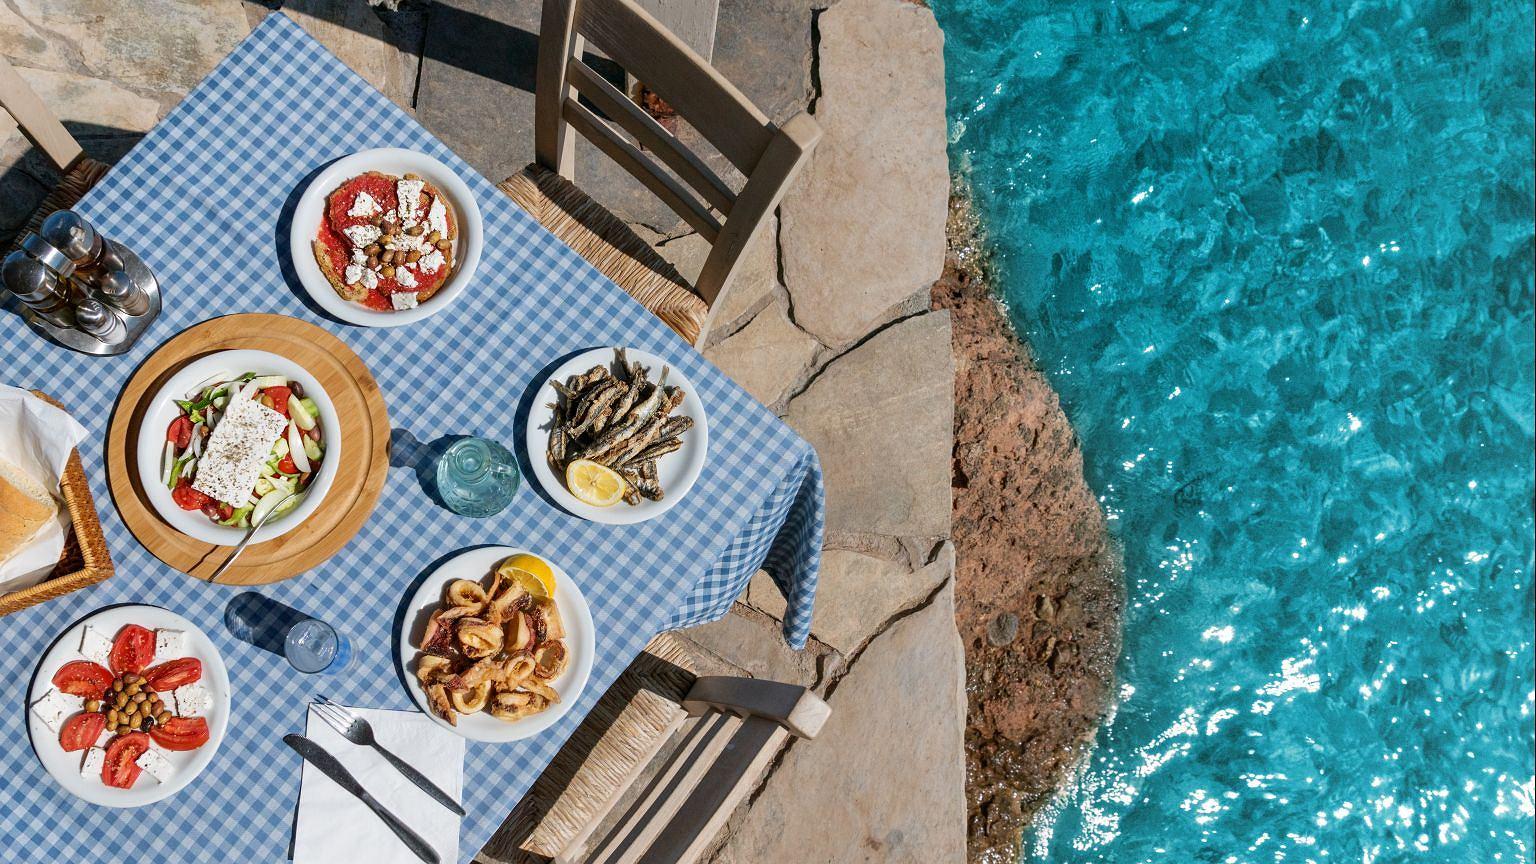 Kuchnia śródziemnomorska To Przepis Na Zdrowe życie Ważne